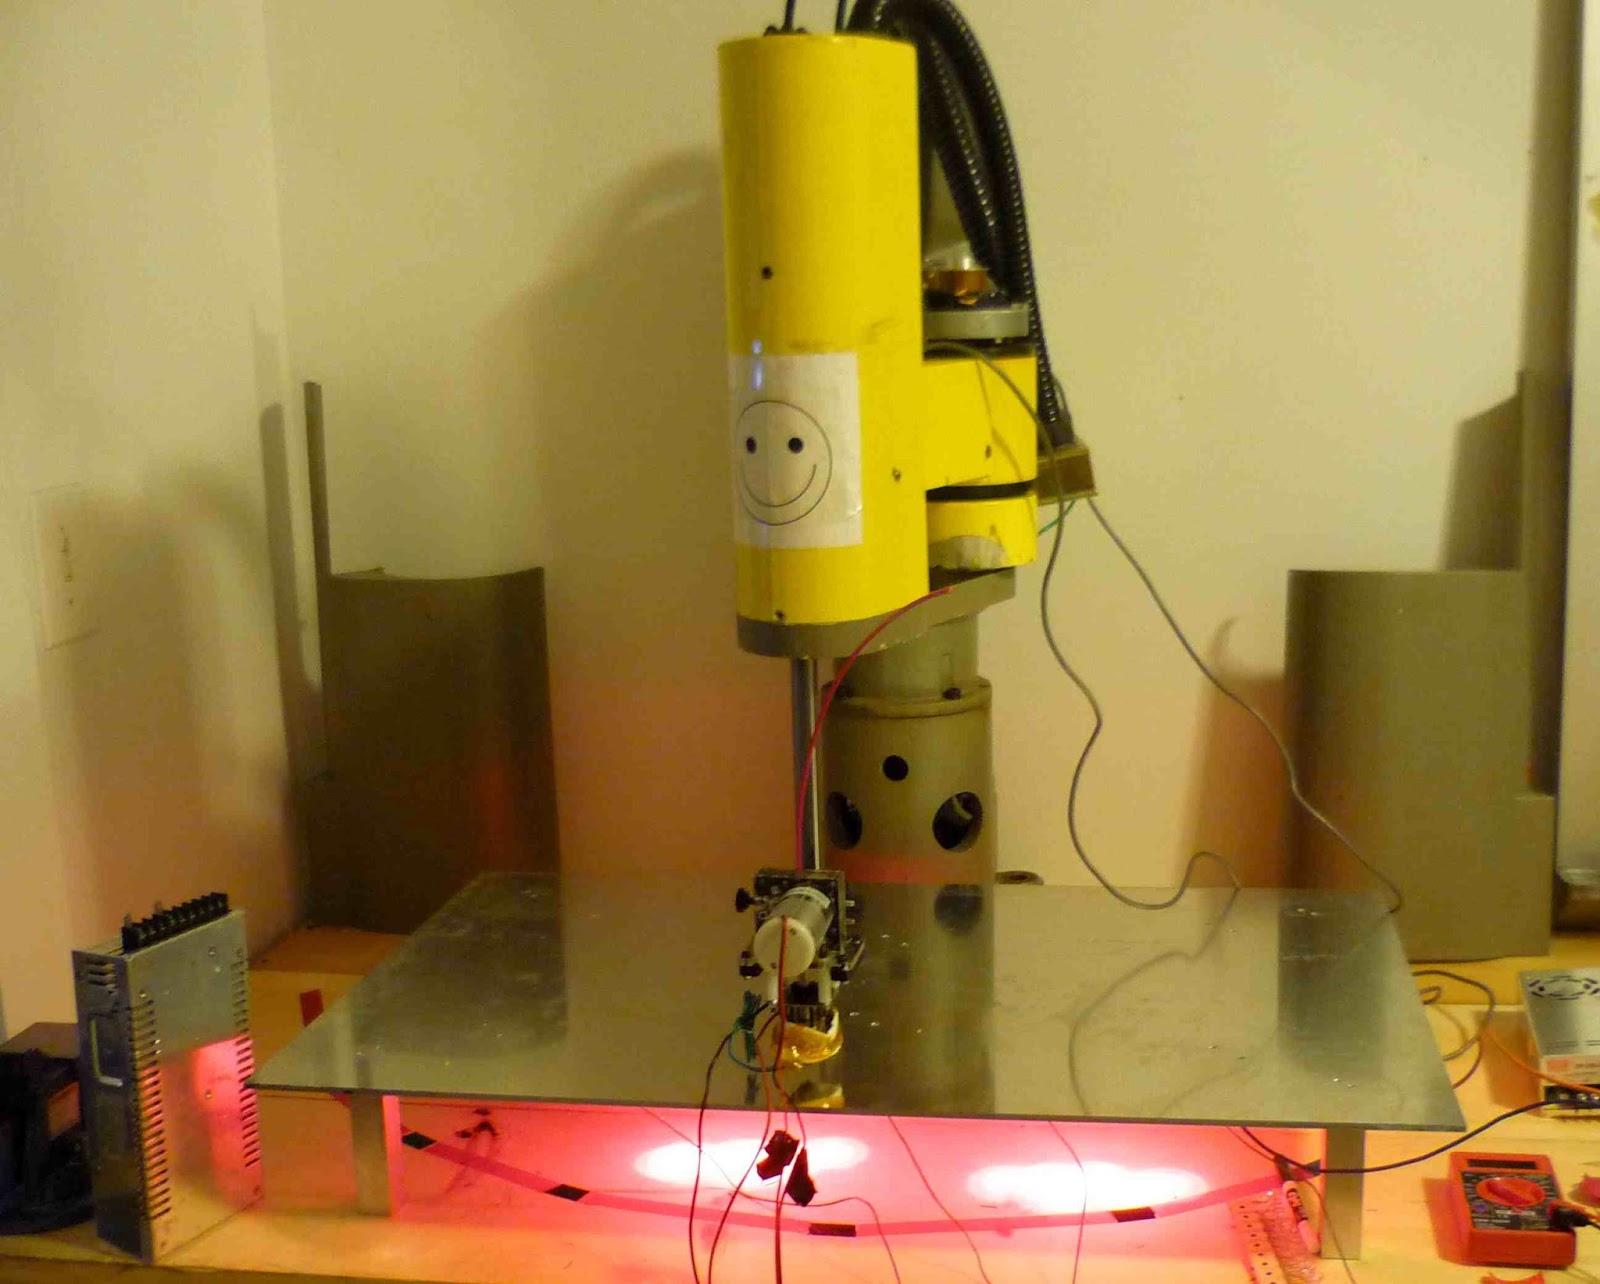 DIY 3D Printing: IBM 7575 Industrial Robot Hacked Into SCARA